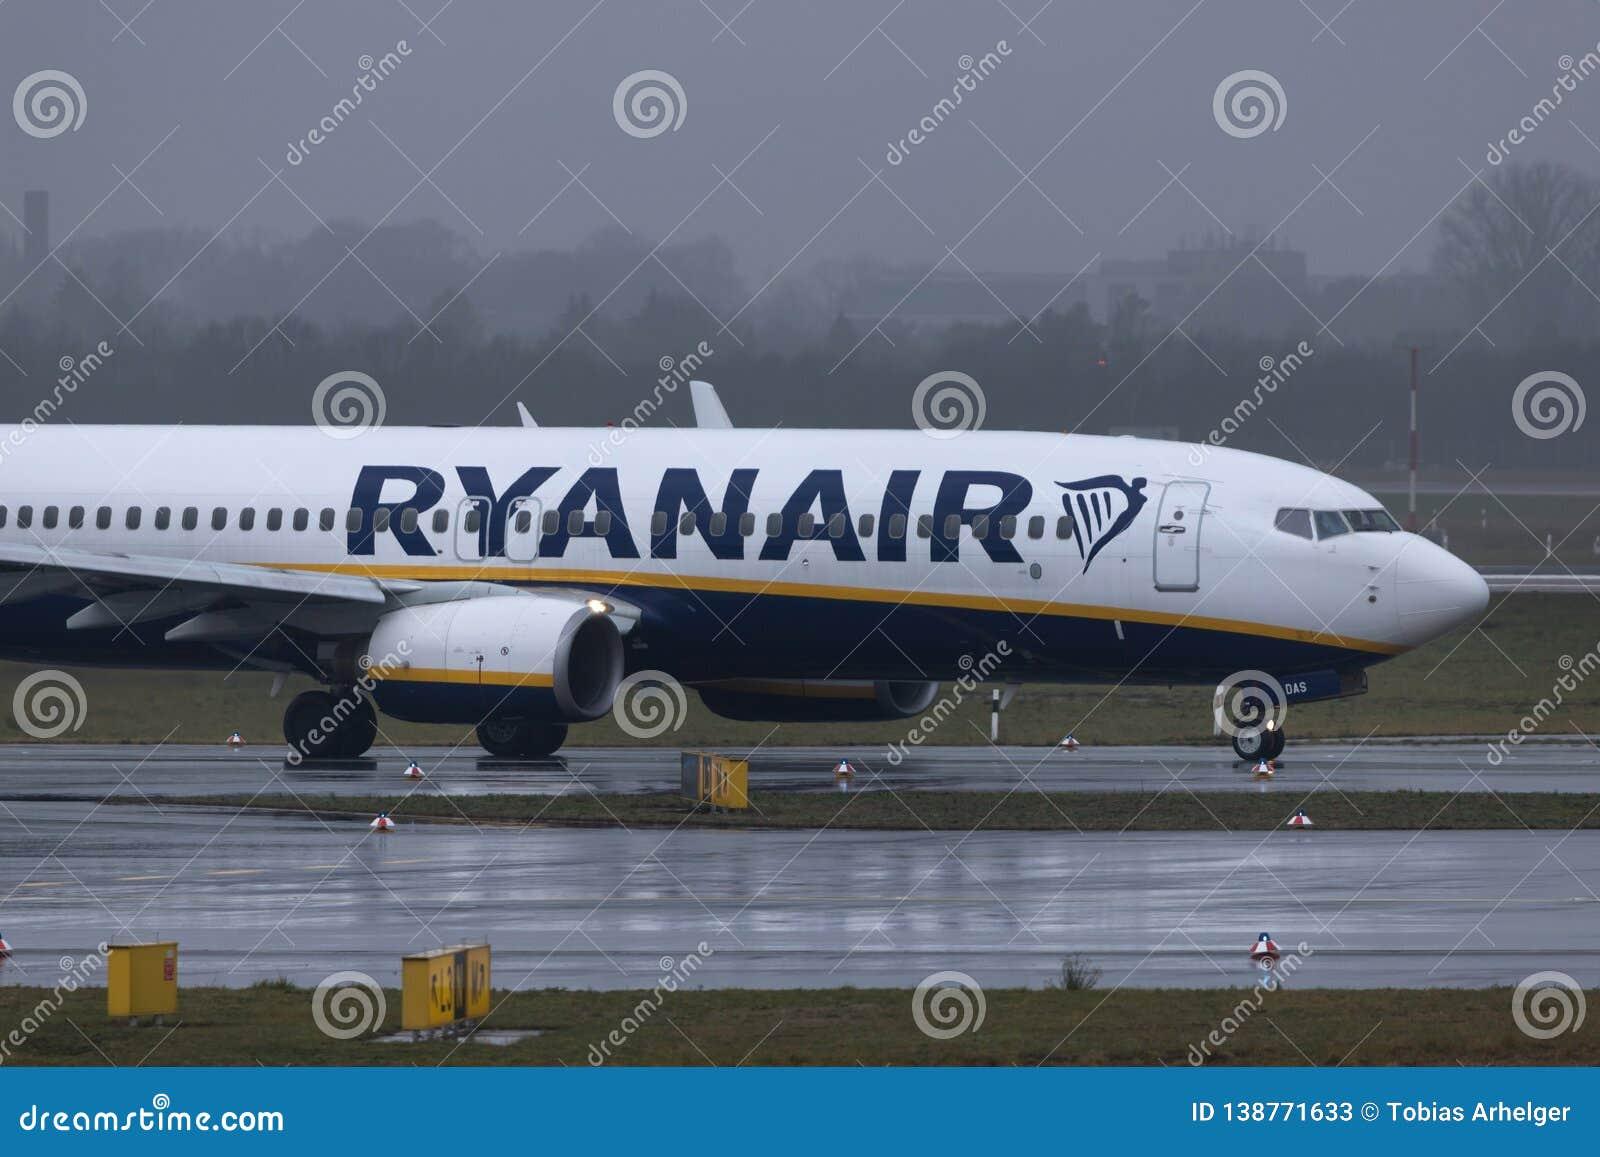 Dusseldorf, nrw/germany - 11 01 19: ryanair airplane at dusseldorf airport germany in the rain